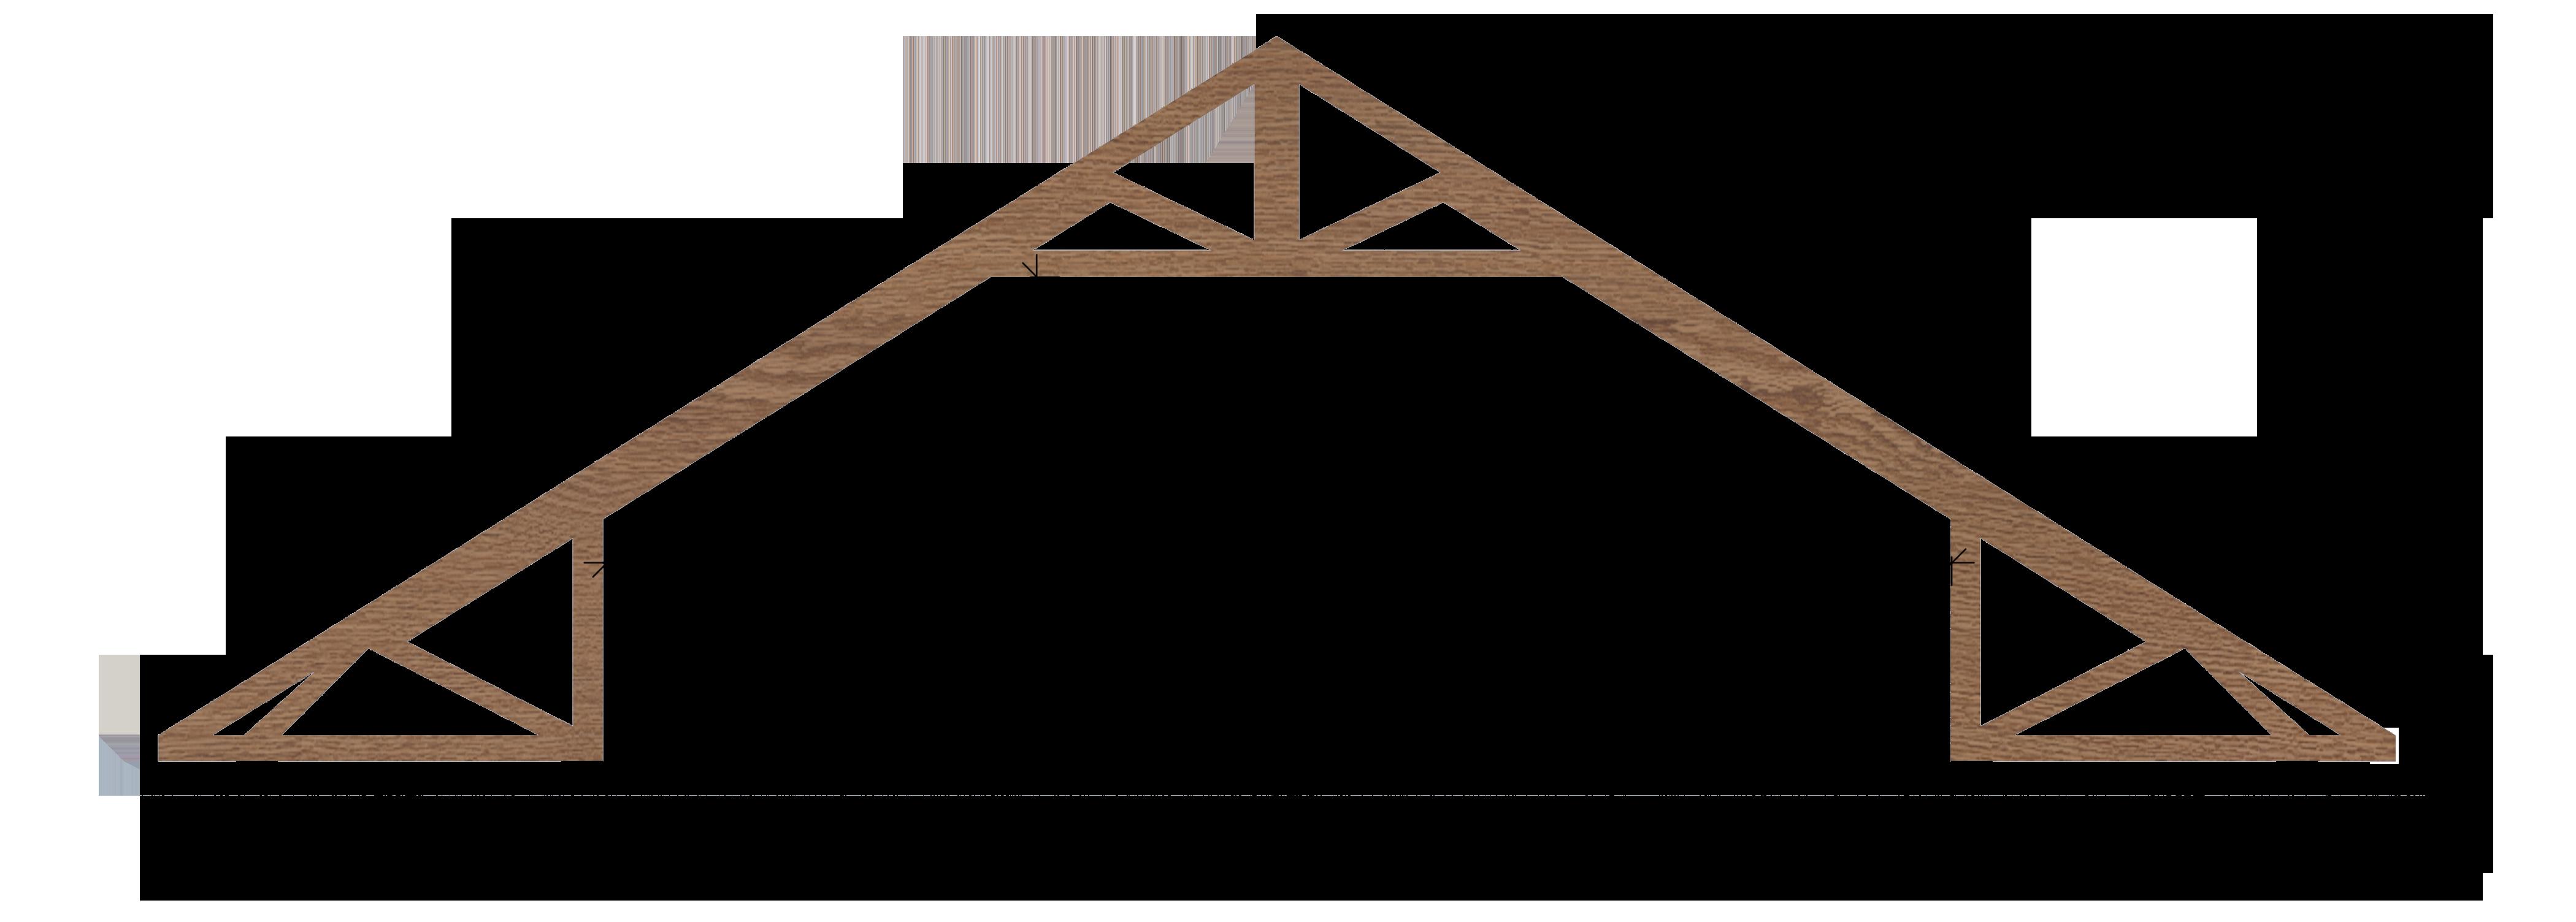 Односкатная крыша своими руками: как сделать, устройство 31